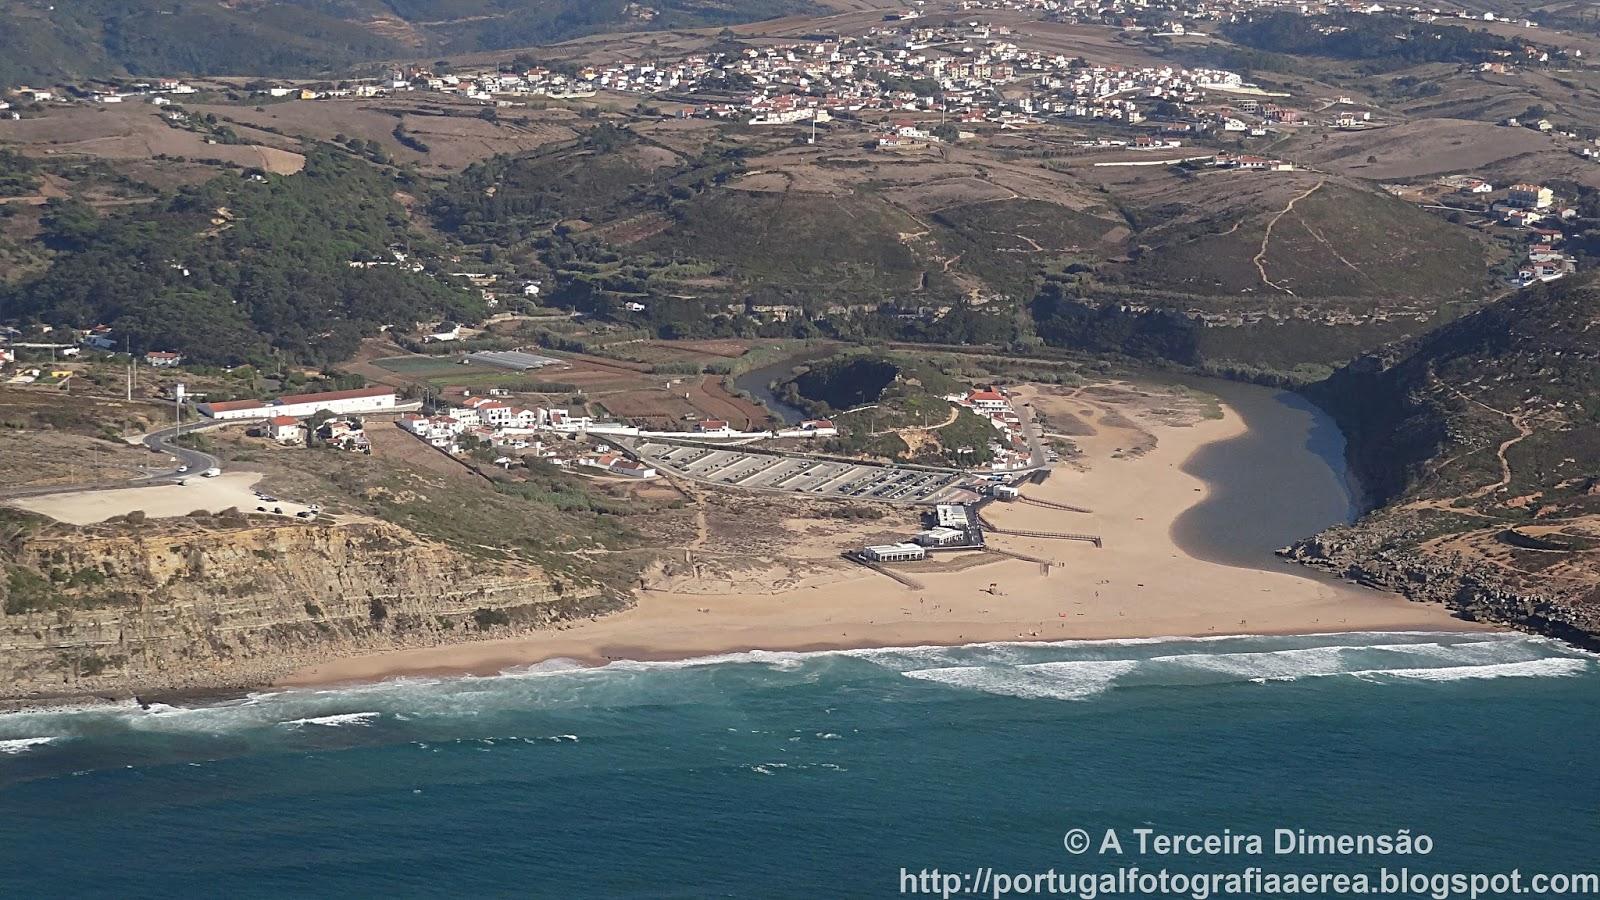 foz do lizandro mapa A Terceira Dimensão: Praia do Lizandro   Foz do Lizandro foz do lizandro mapa